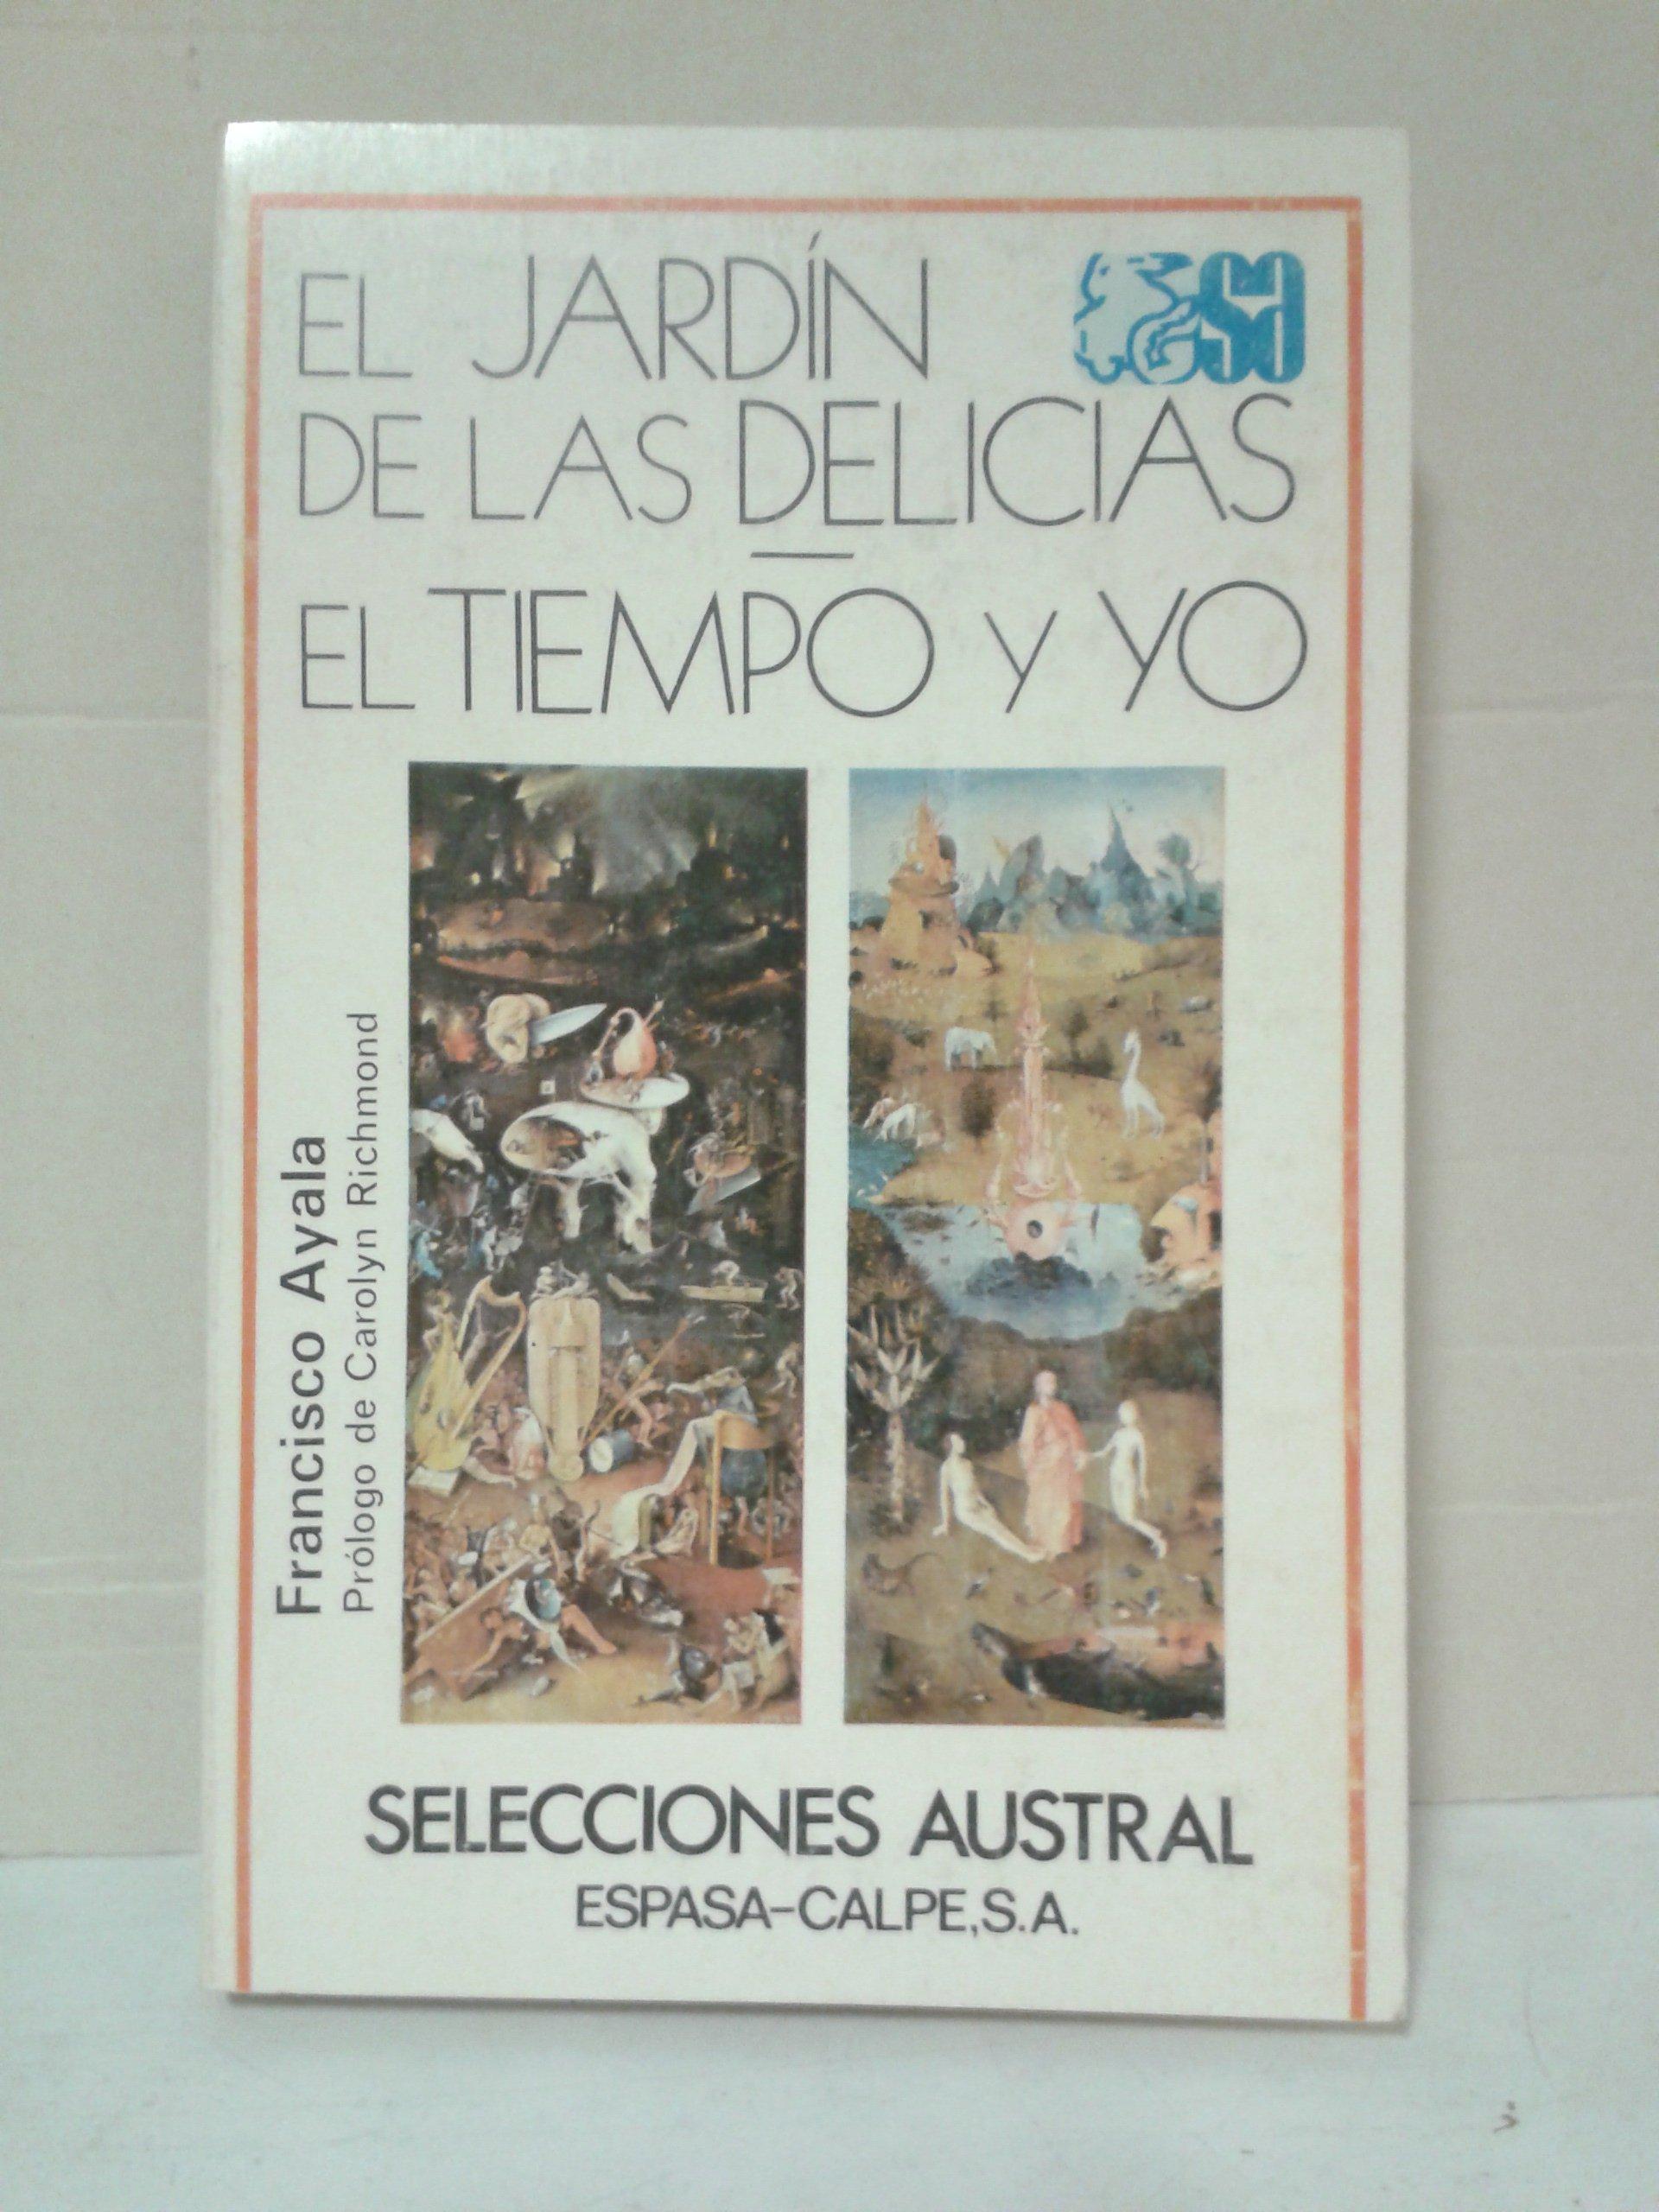 El Jardin De Las Delicias: Amazon.es: Ayala, F.: Libros